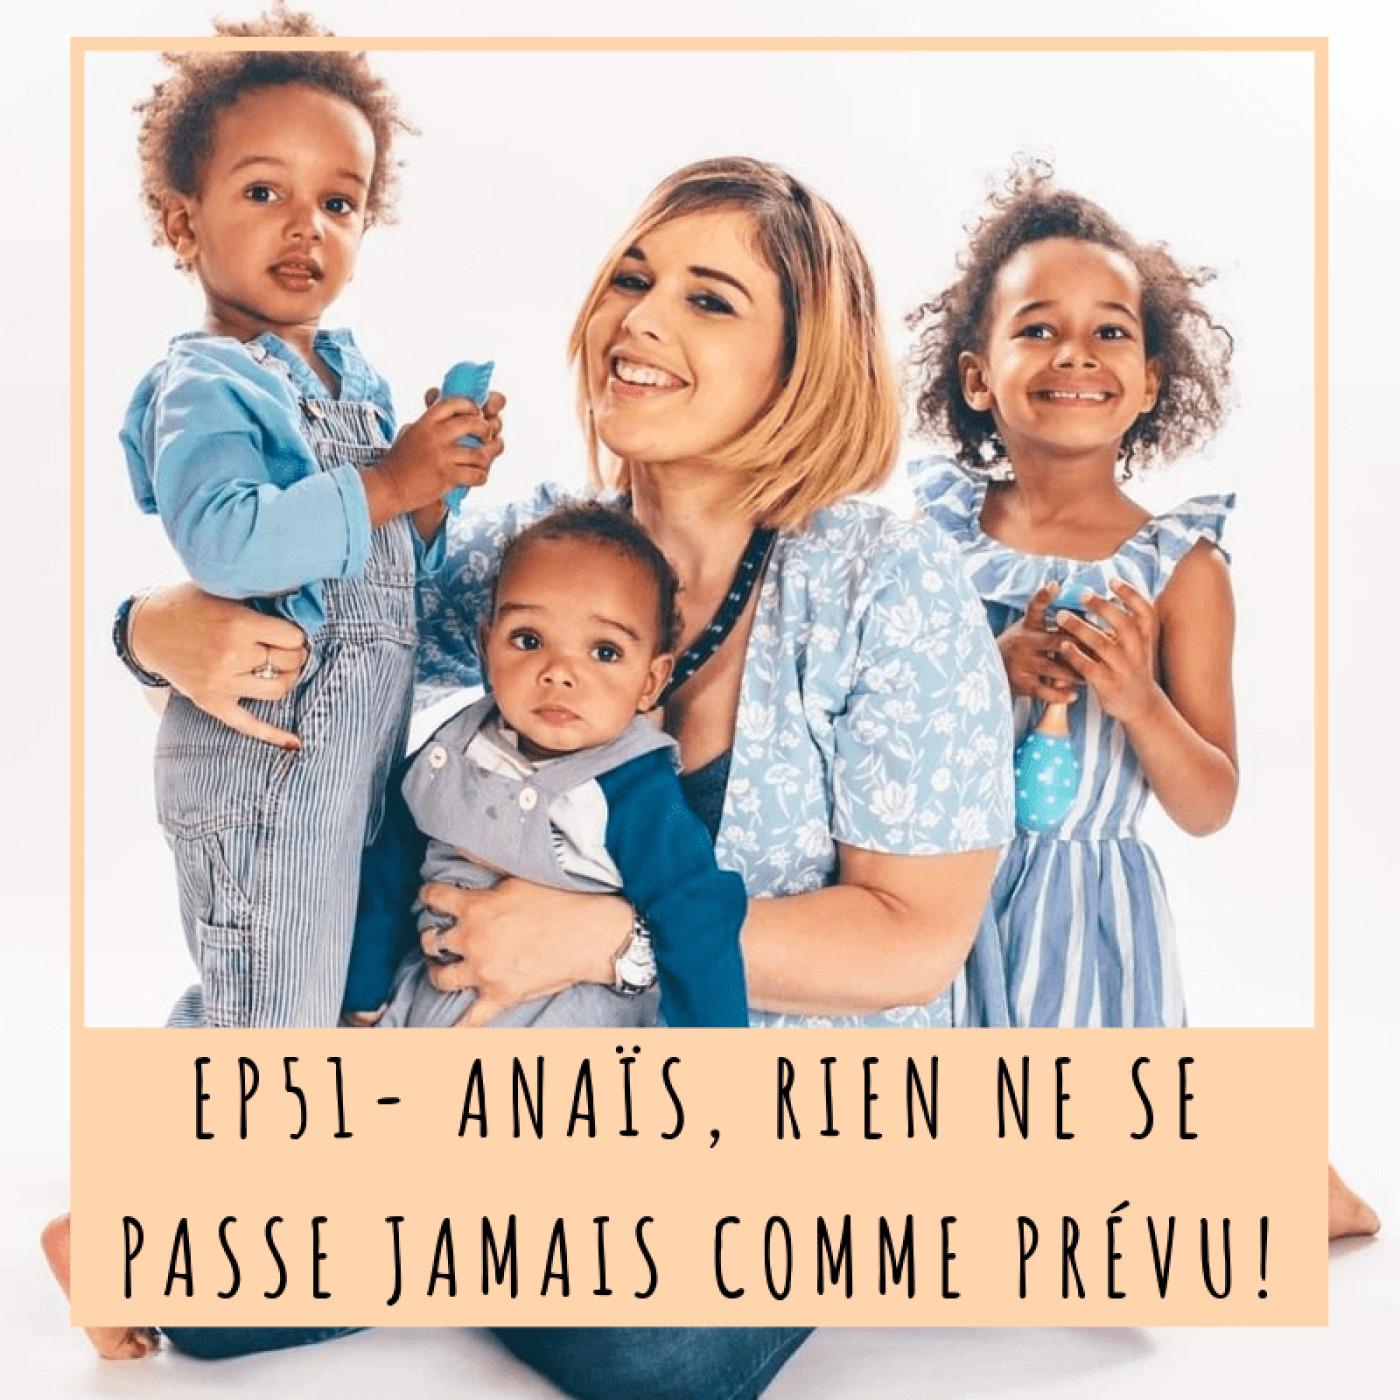 EP51- ANAIS, RIEN NE SE PASSE JAMAIS COMME PRÉVU!